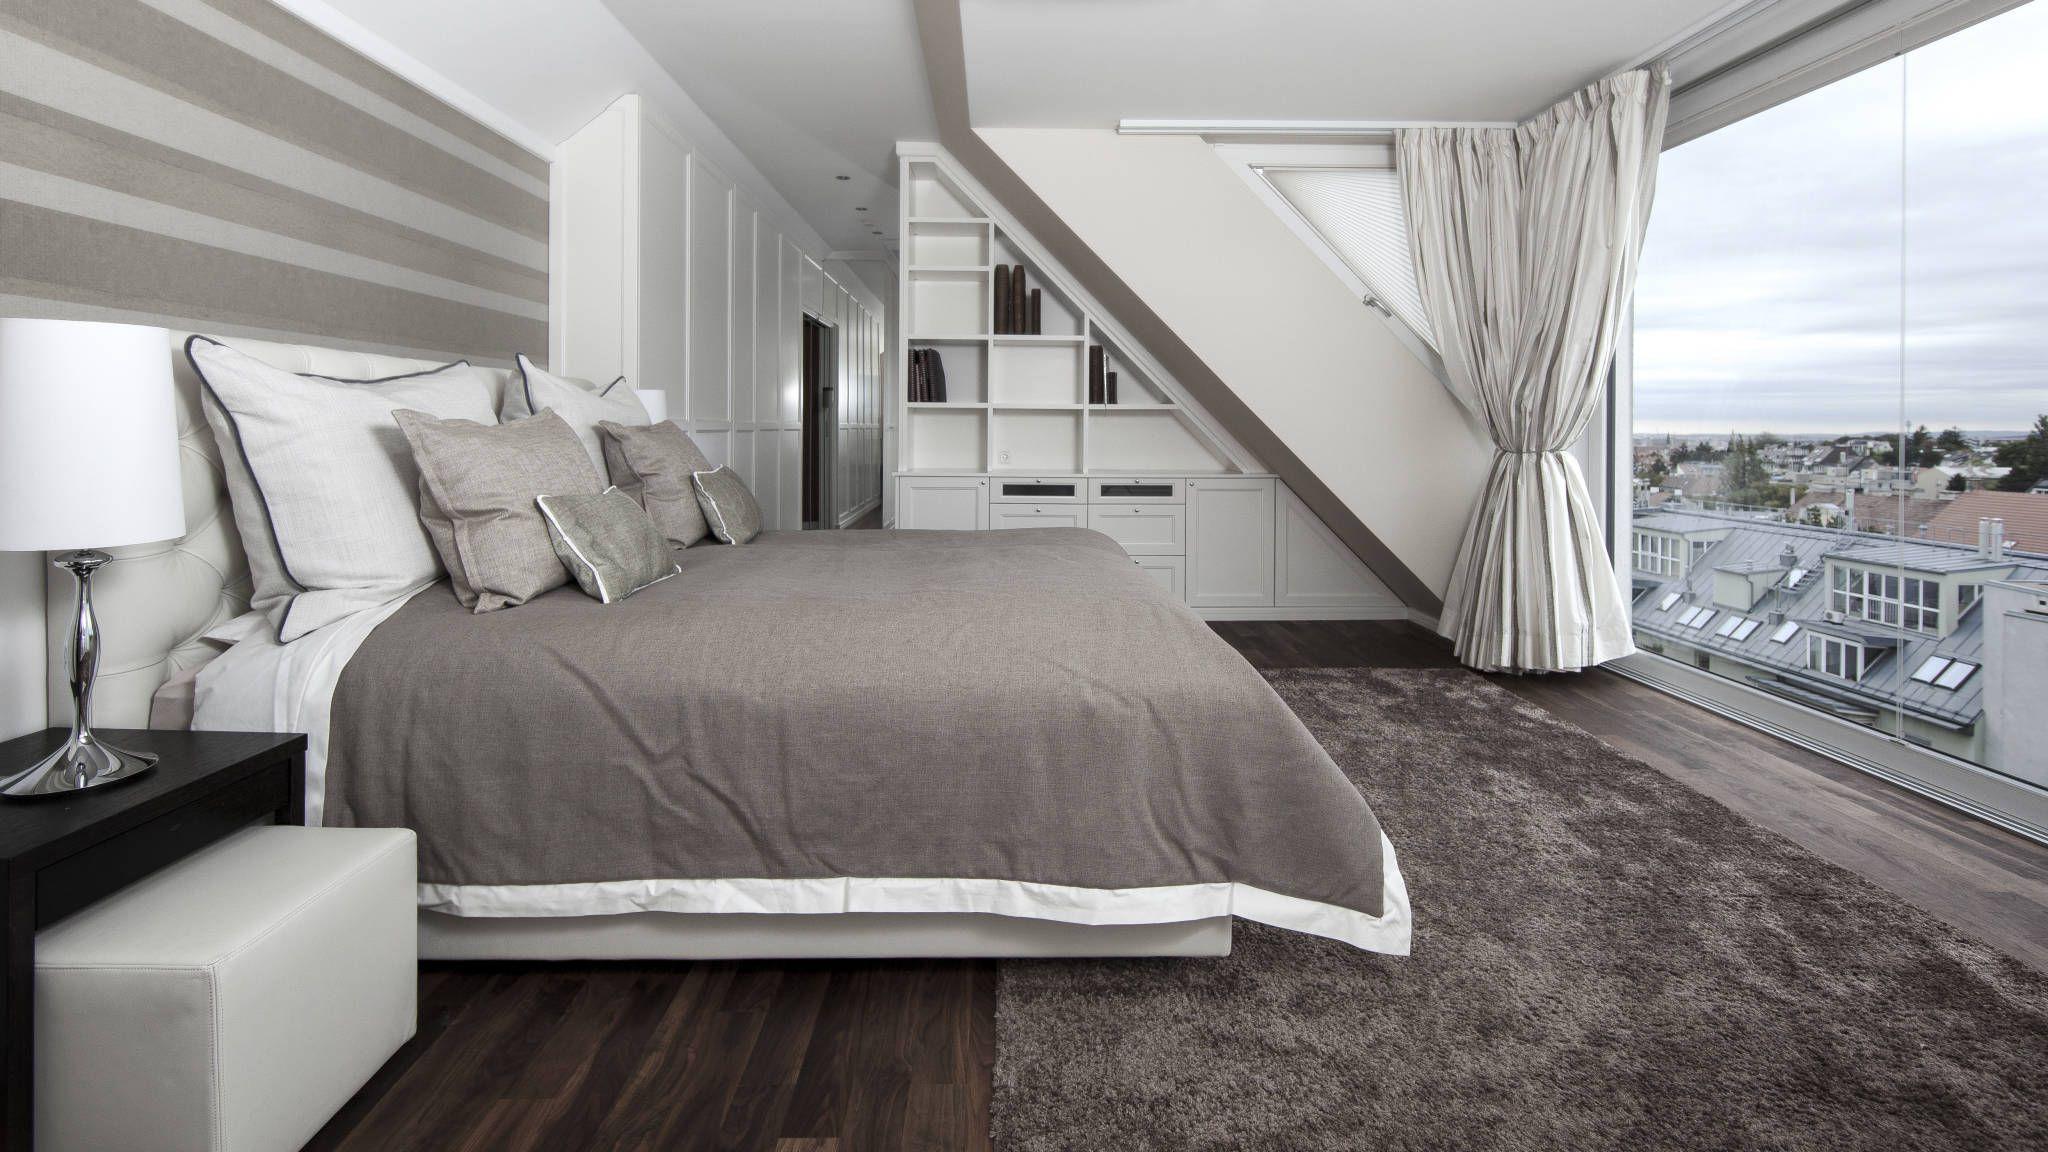 Wohnideen, Interior Design, Einrichtungsideen & Bilder | Rich girl